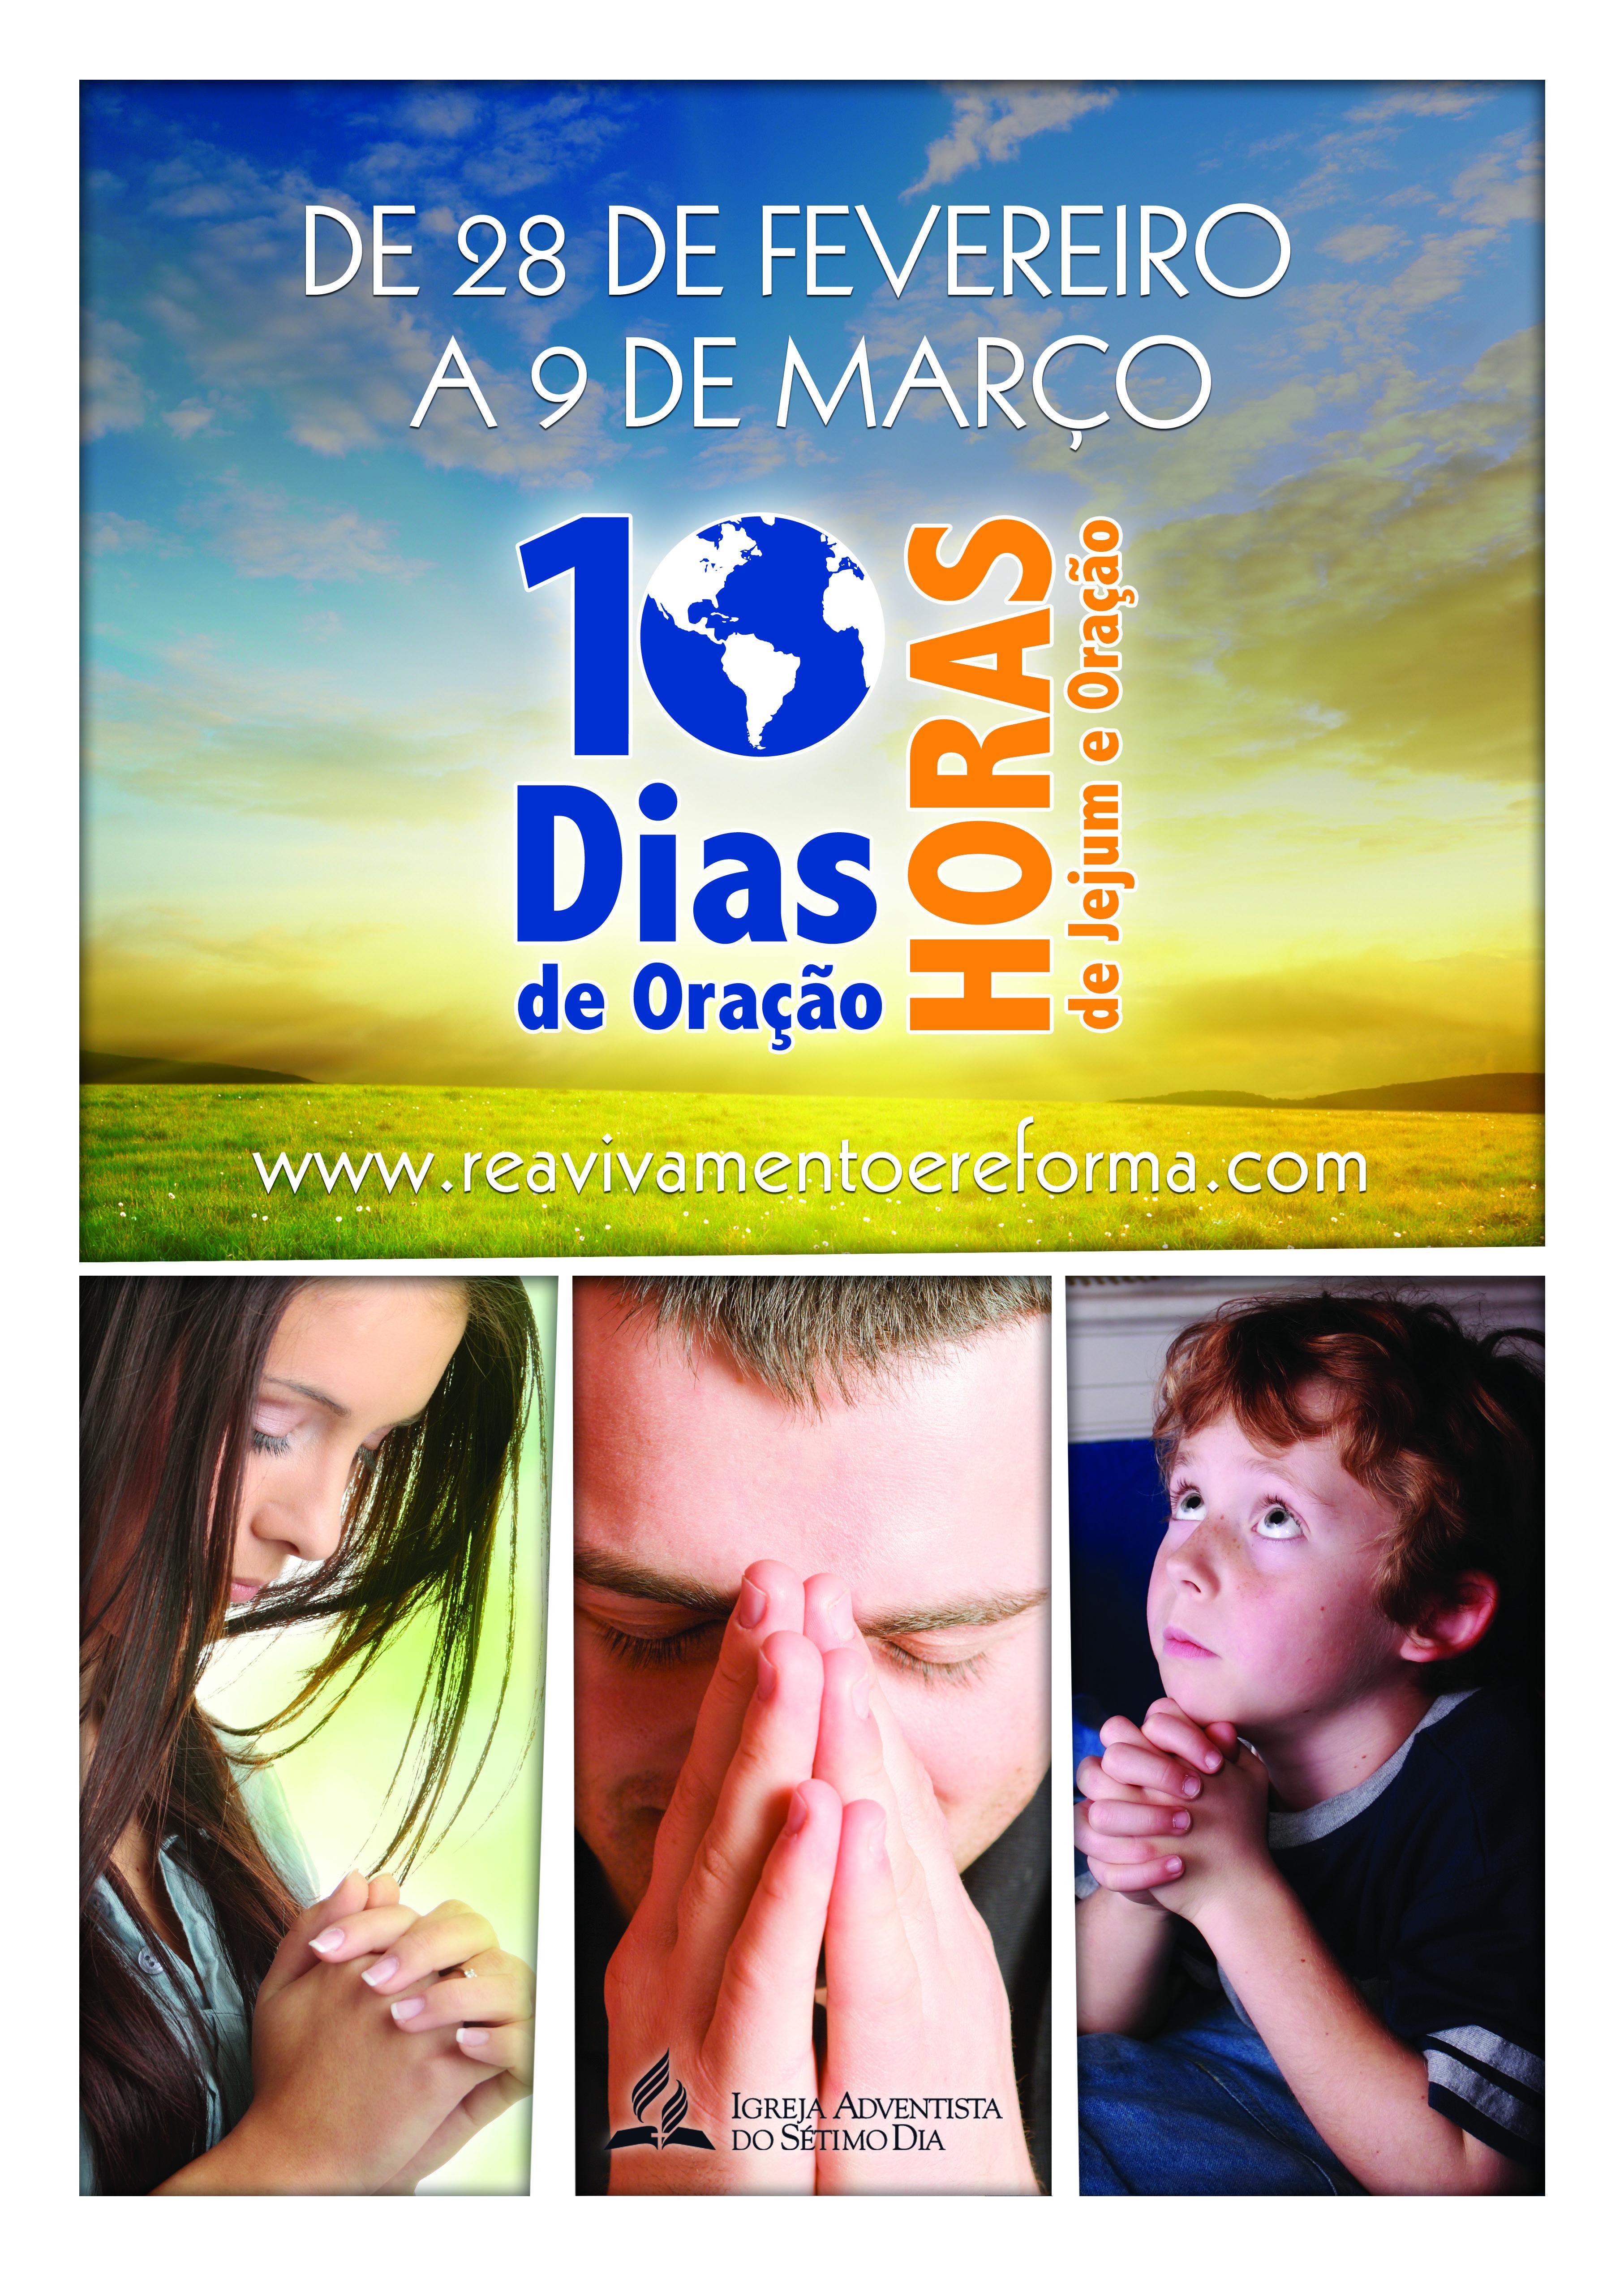 Livreto:  Dia de oração e jejum – 2013